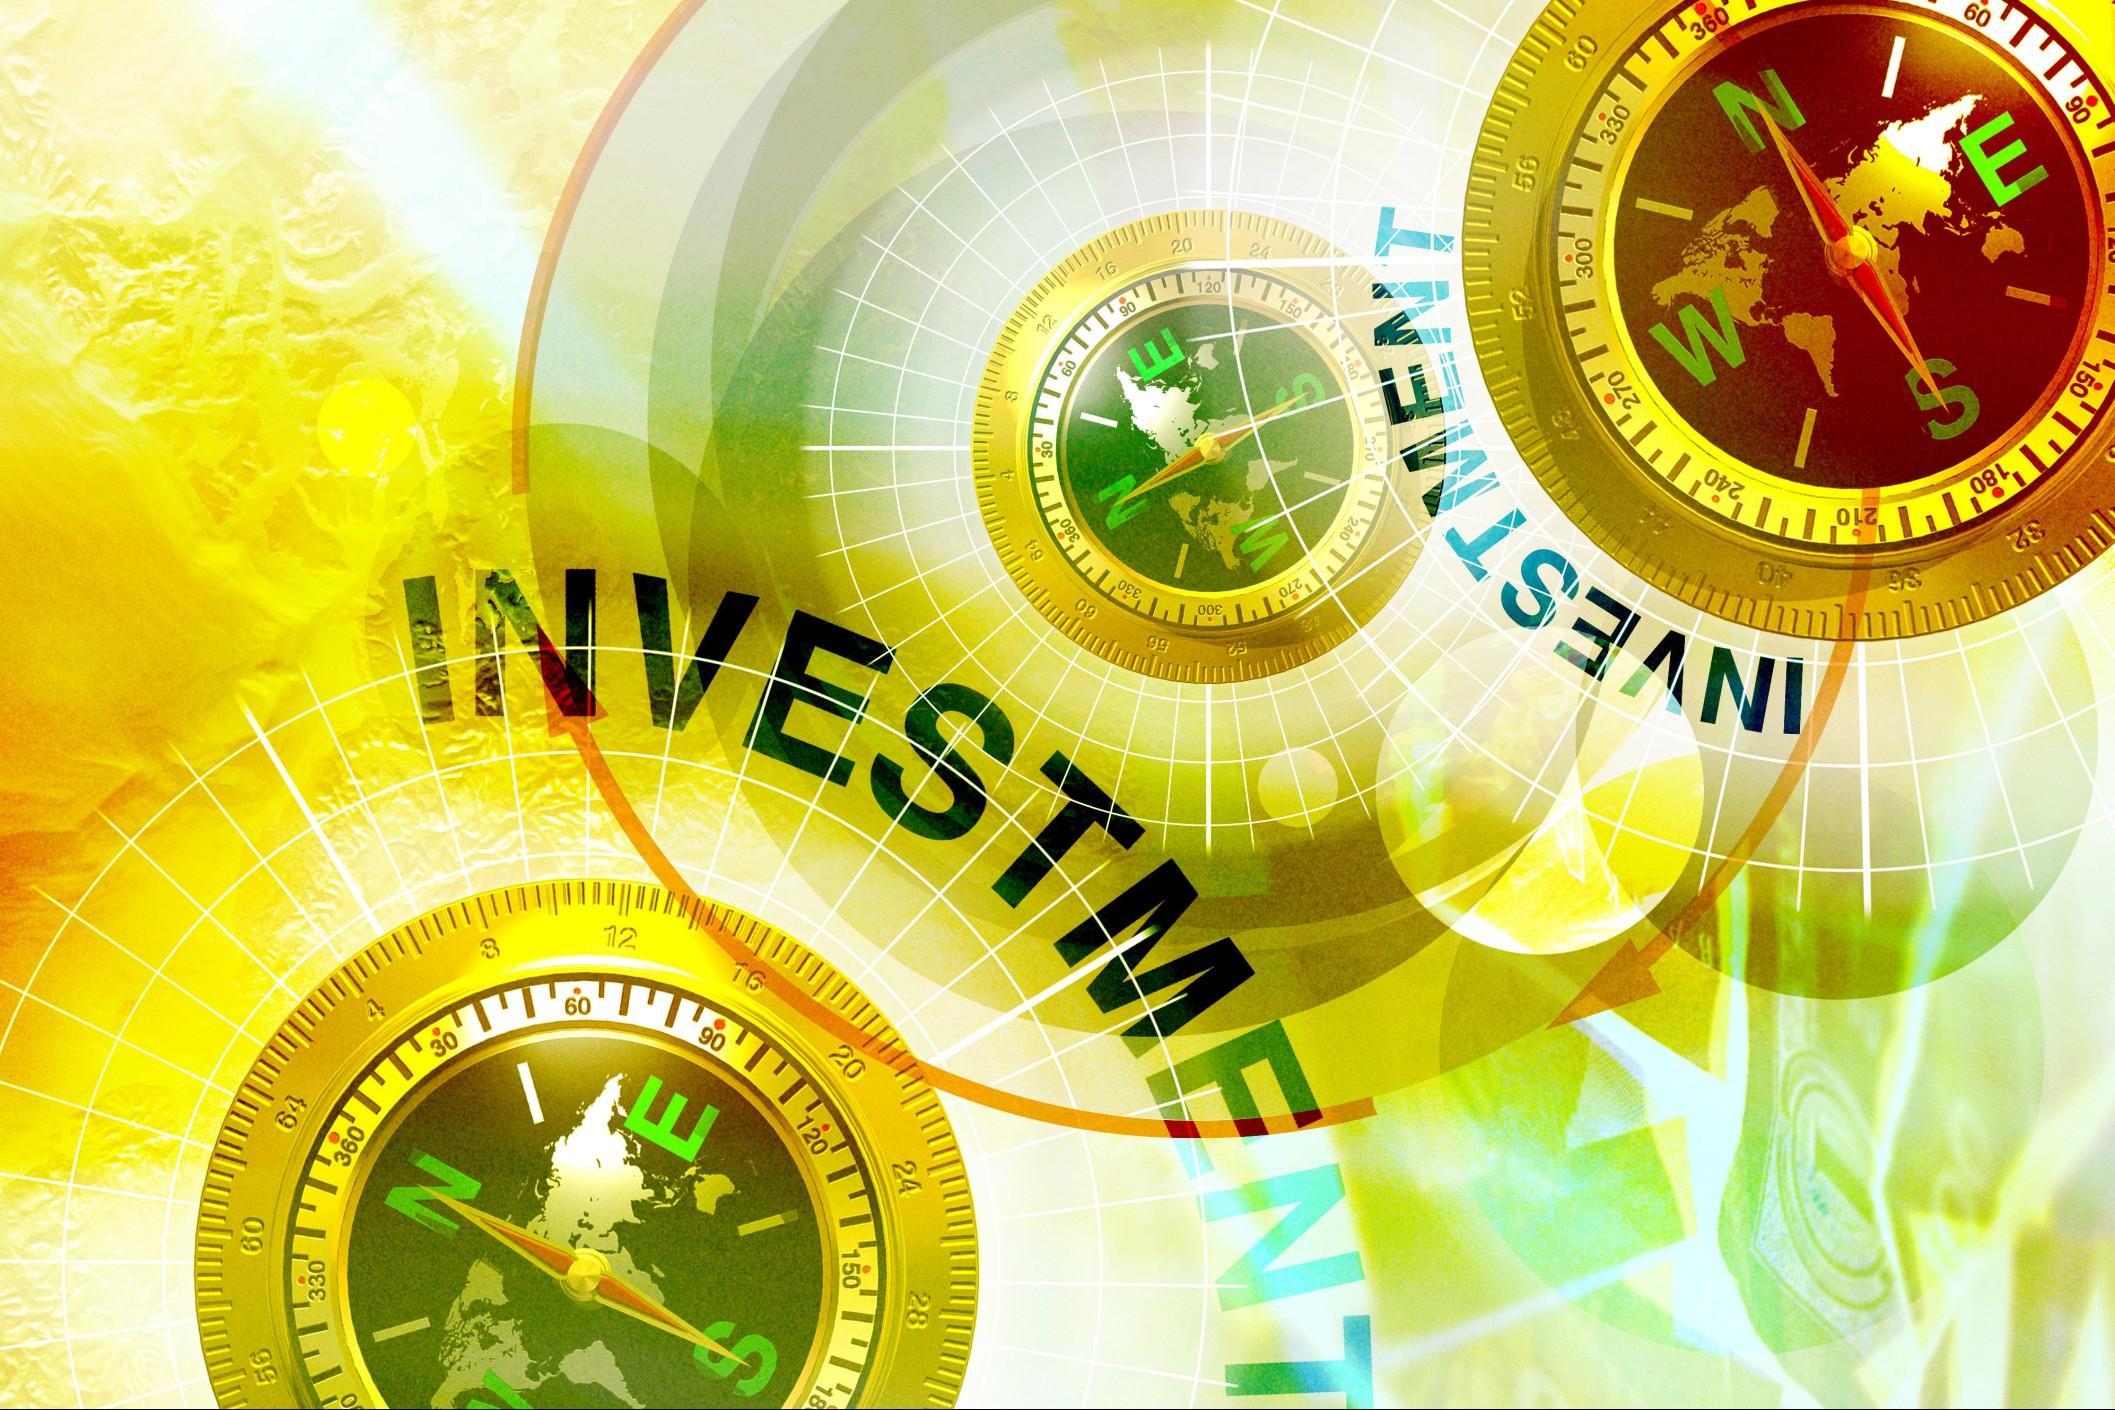 Иностранные инвестиции в областные центры уменьшились почти на 25% за 2014-2015 гг.